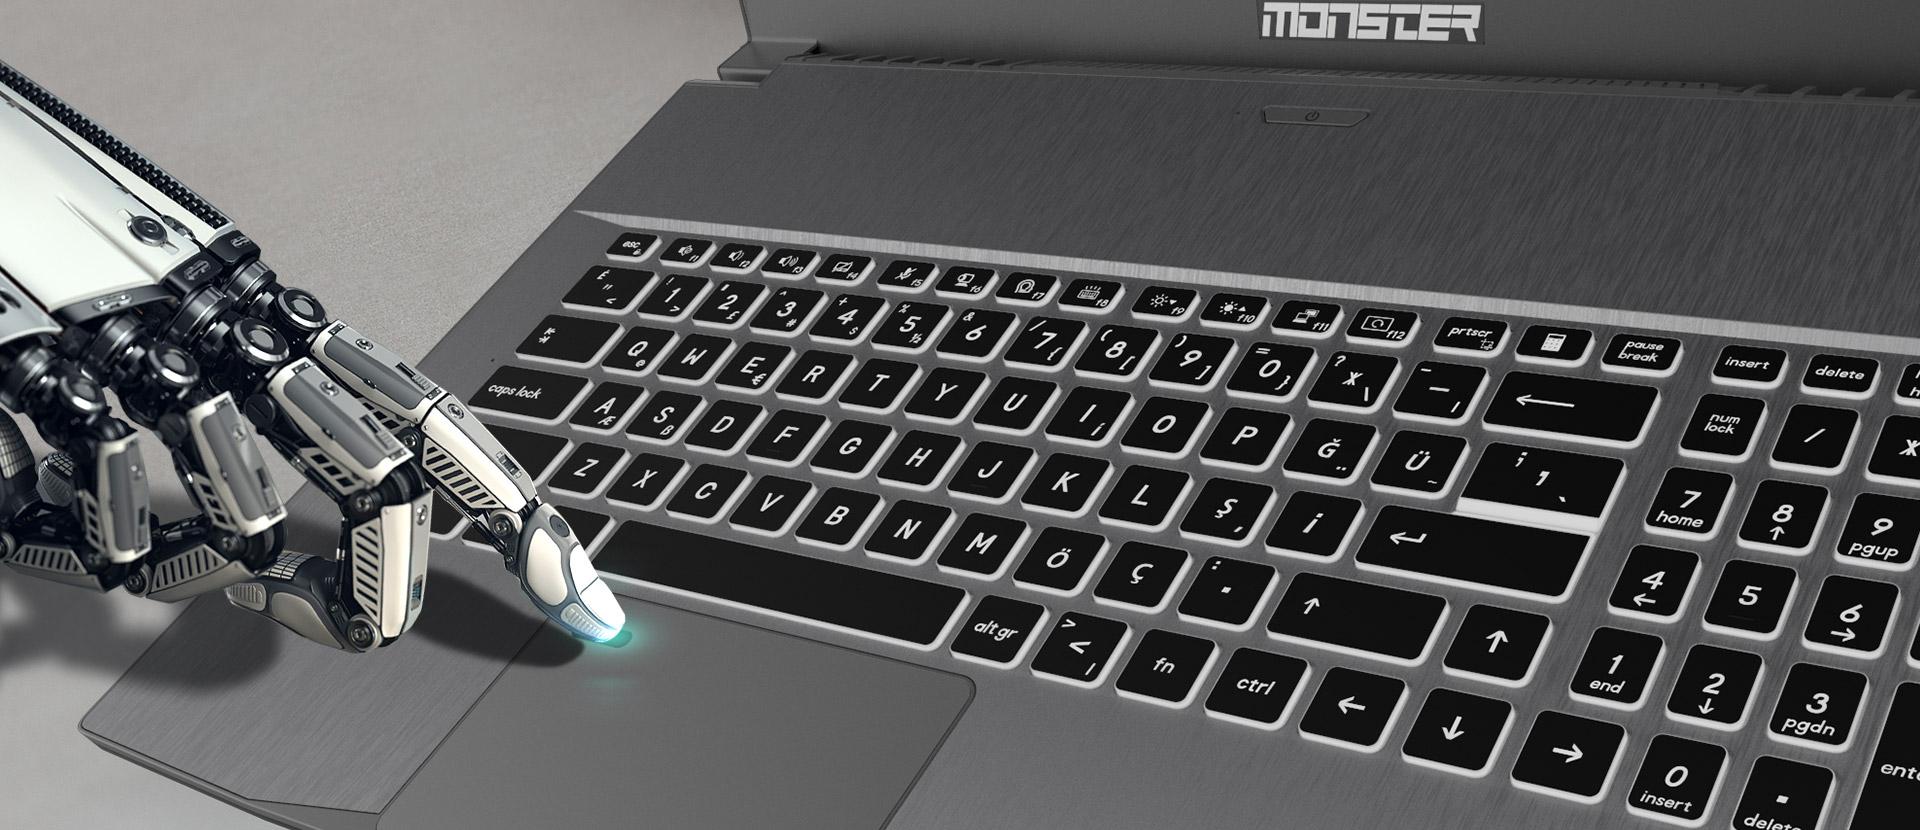 Monster Notebook Markut M7 V4.1